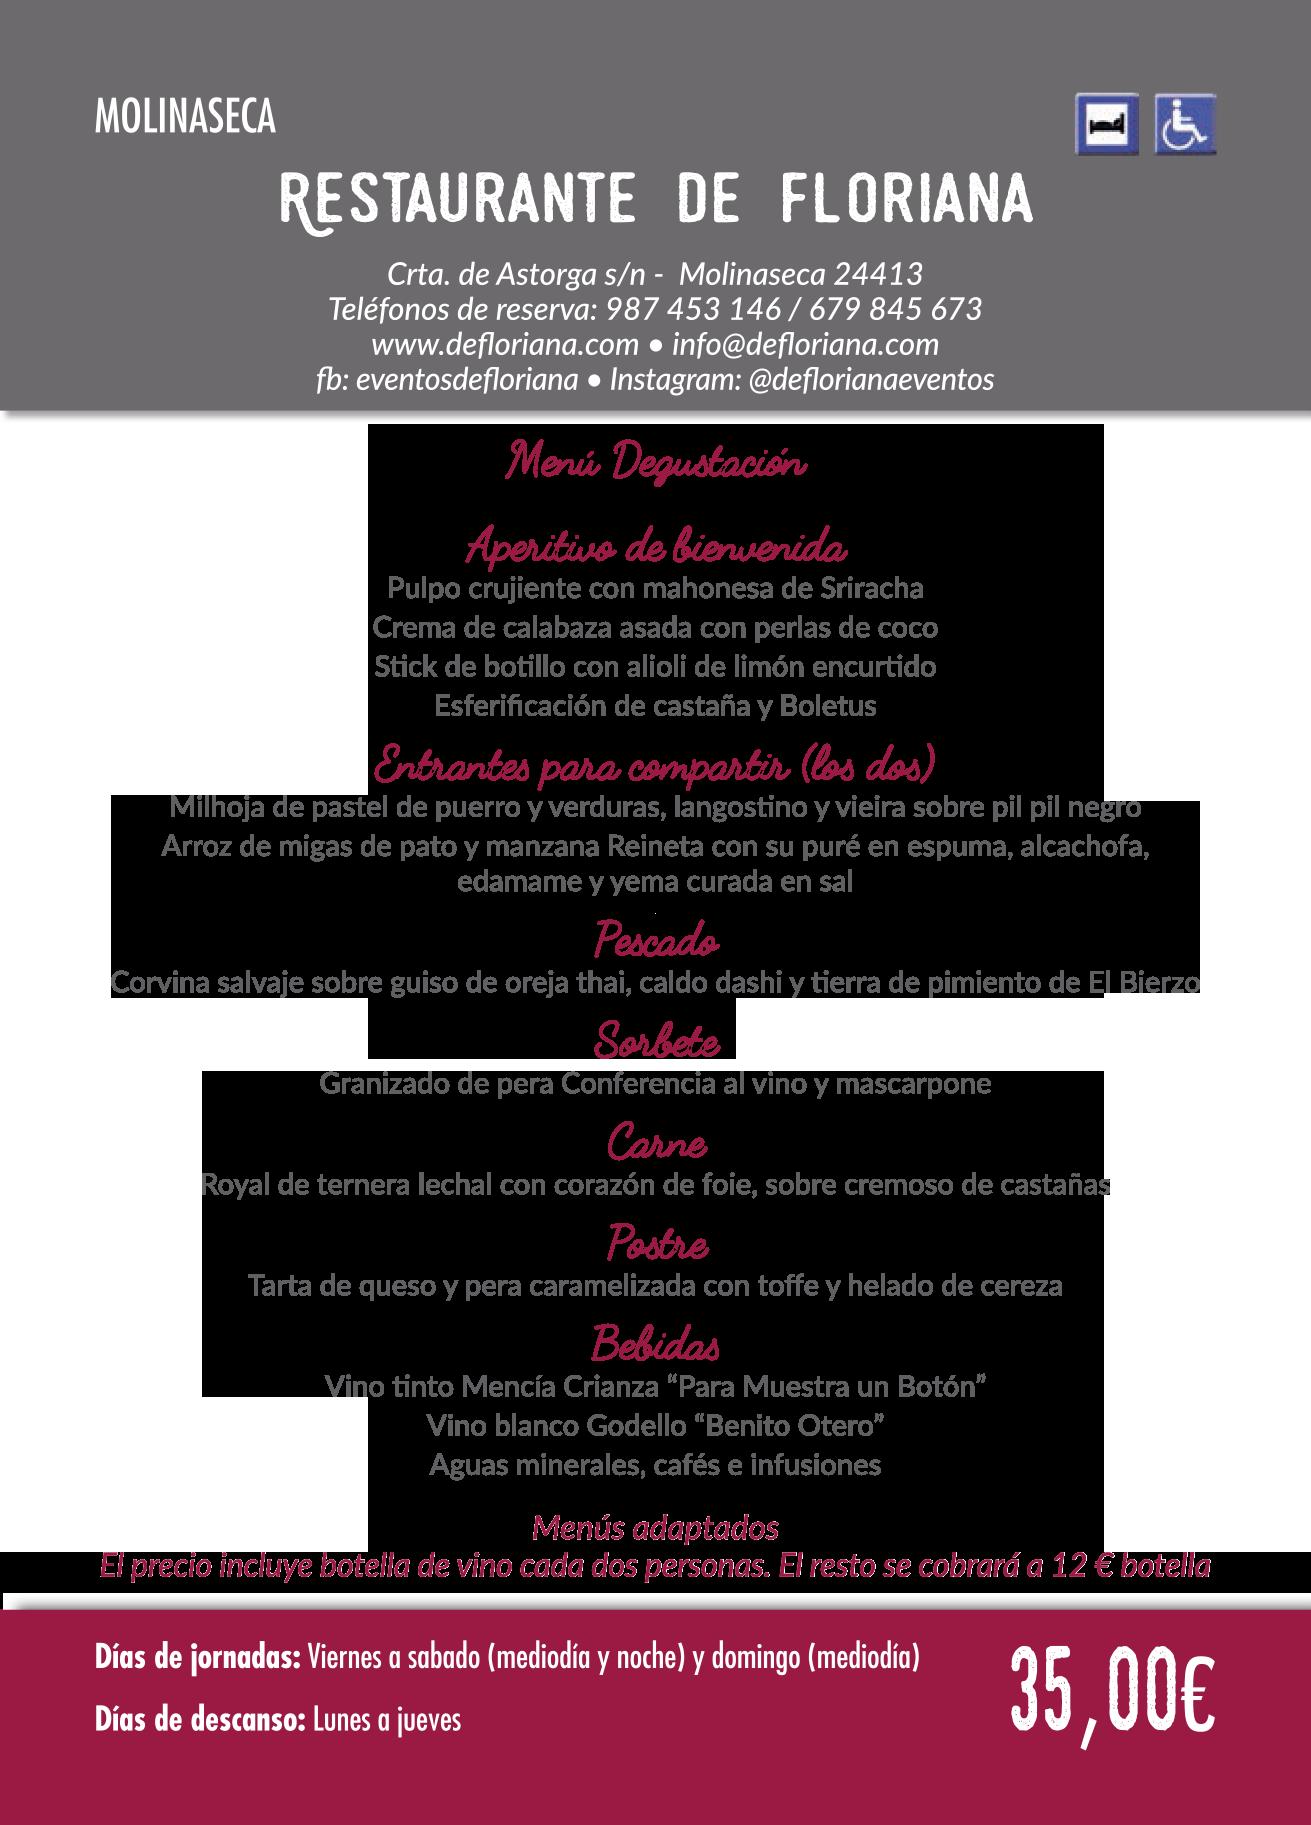 Las Jornadas Gastronómicas del Bierzo llegan a su 35 edición. Consulta los menús de esta edición 38